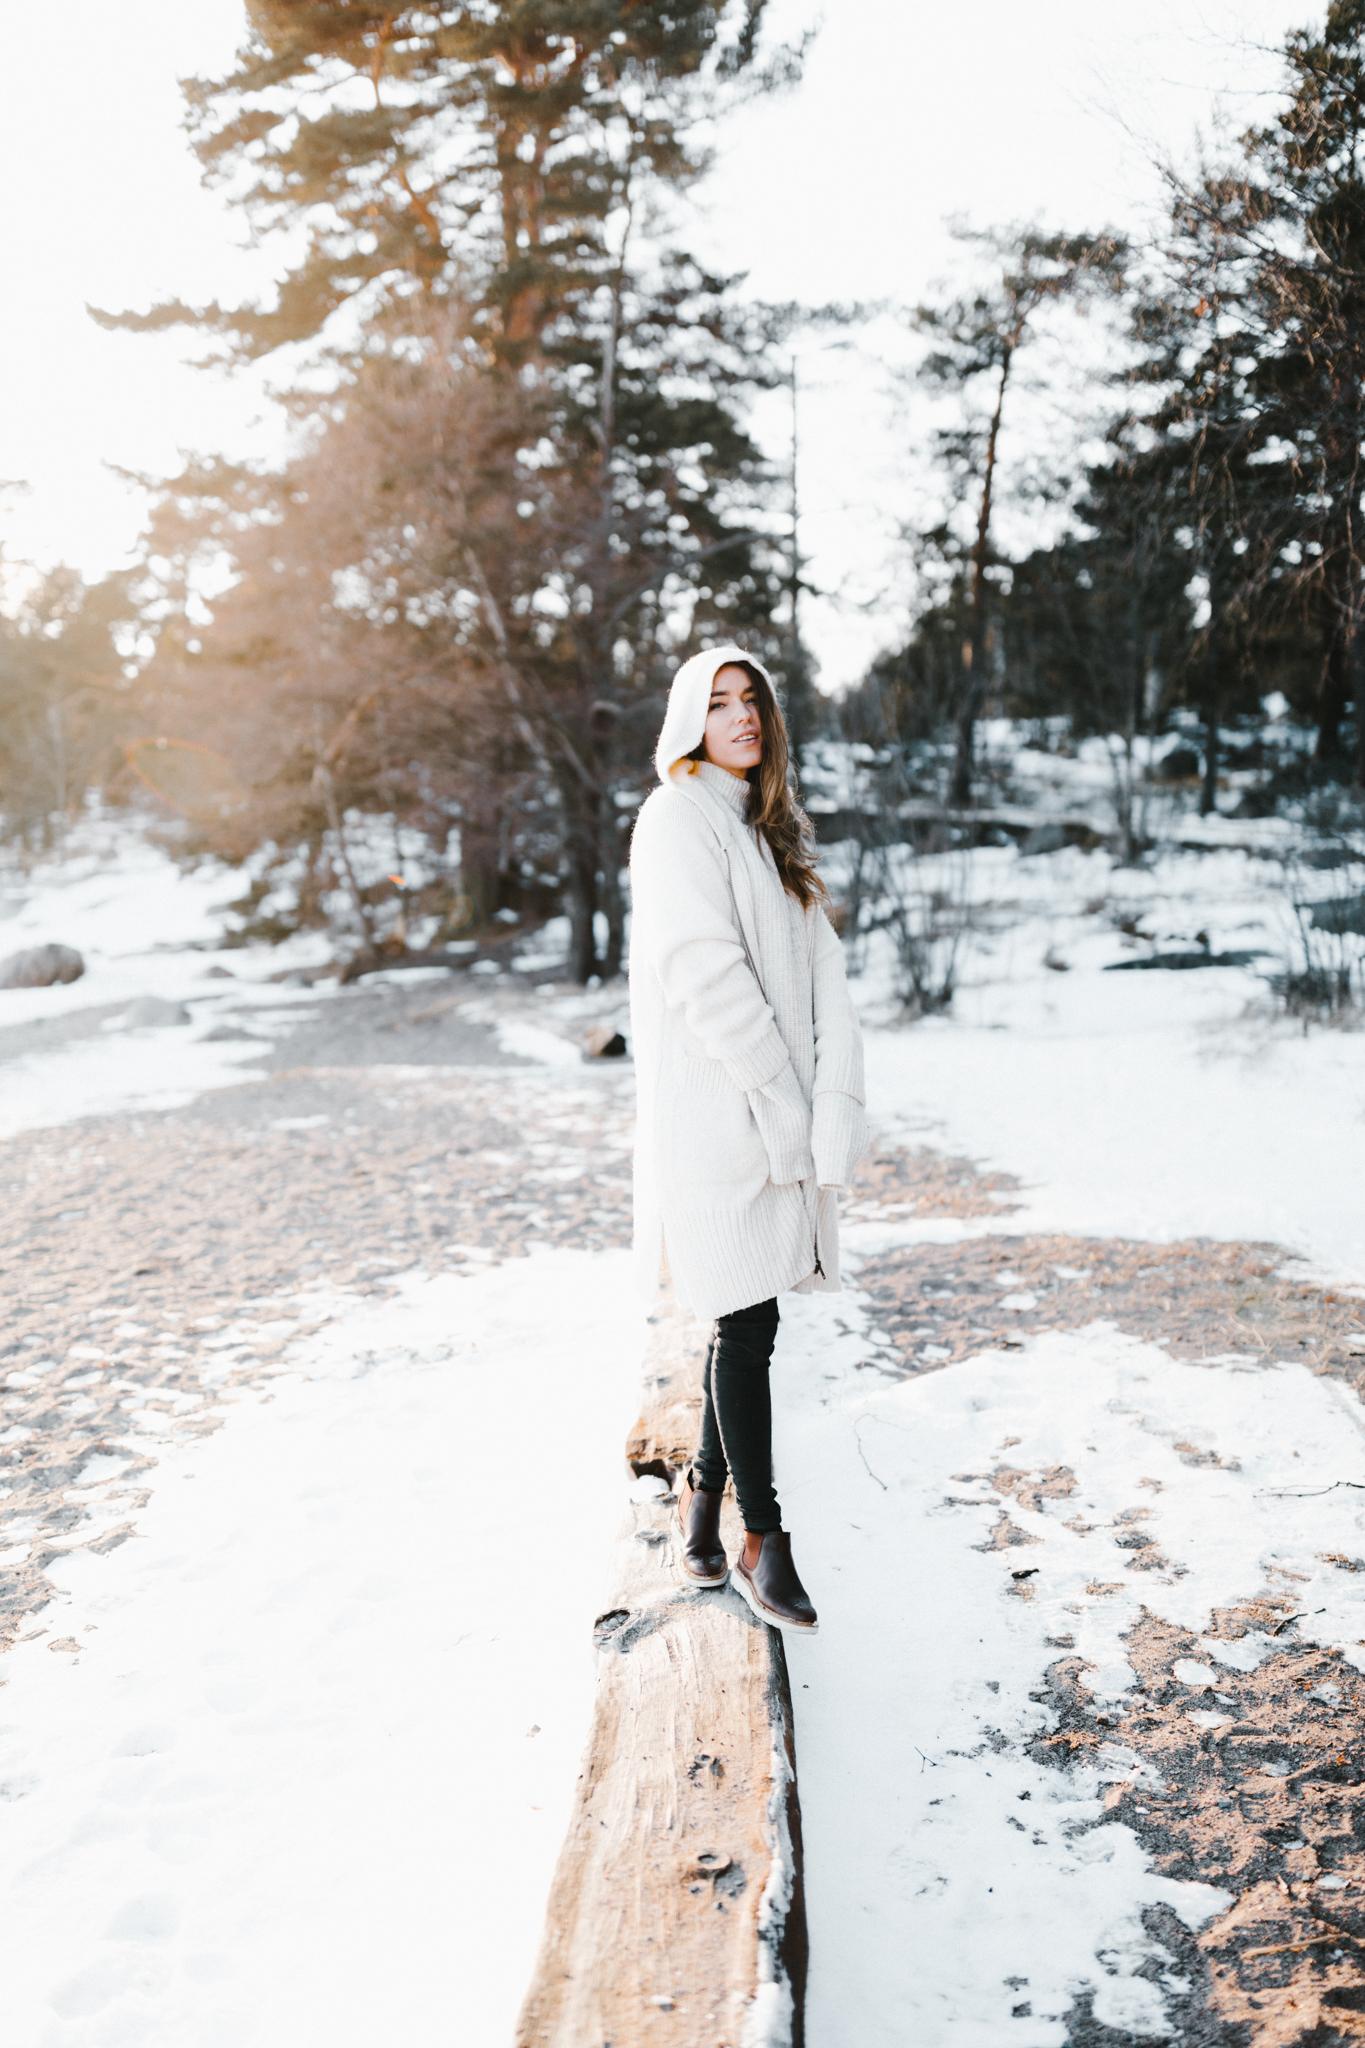 Julia Toivola -- Photos by Patrick Karkkolainen Photographer-102.jpg